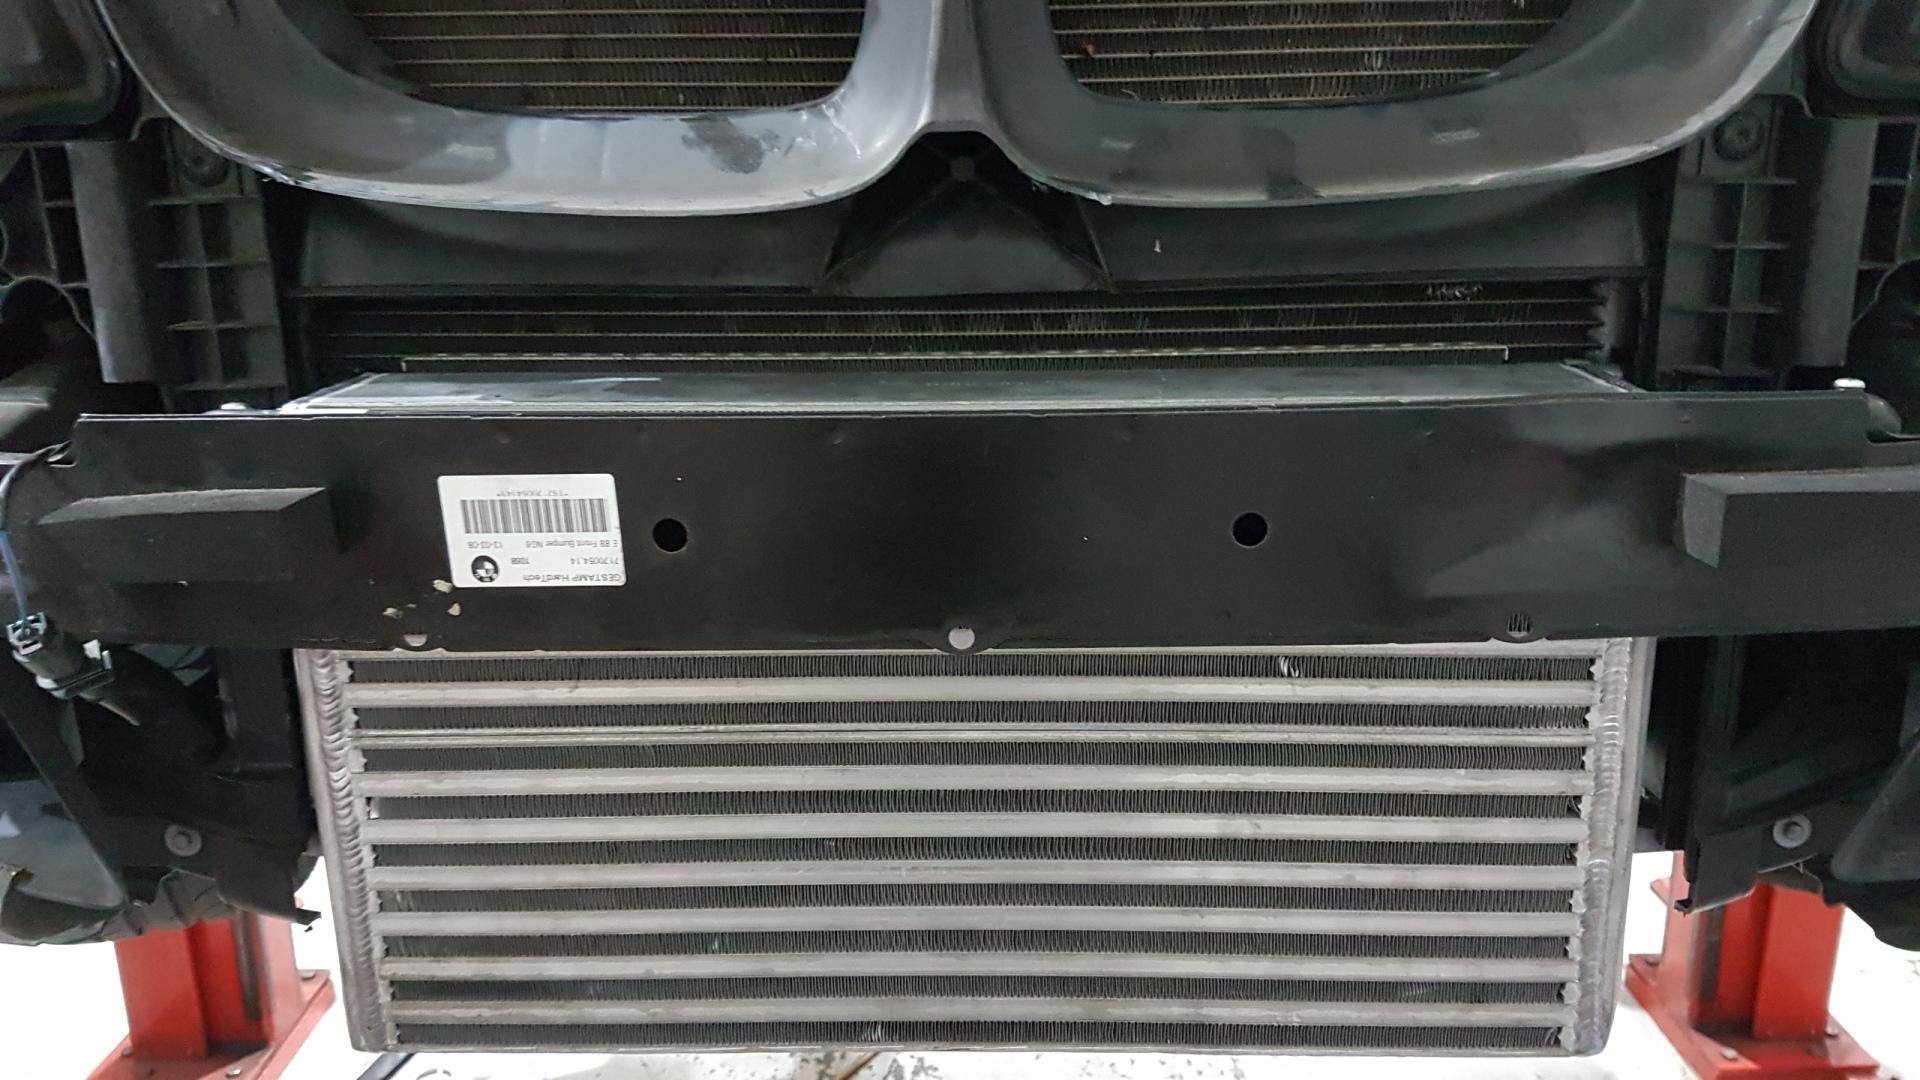 VRSF,N54,N55,Race Intercooler